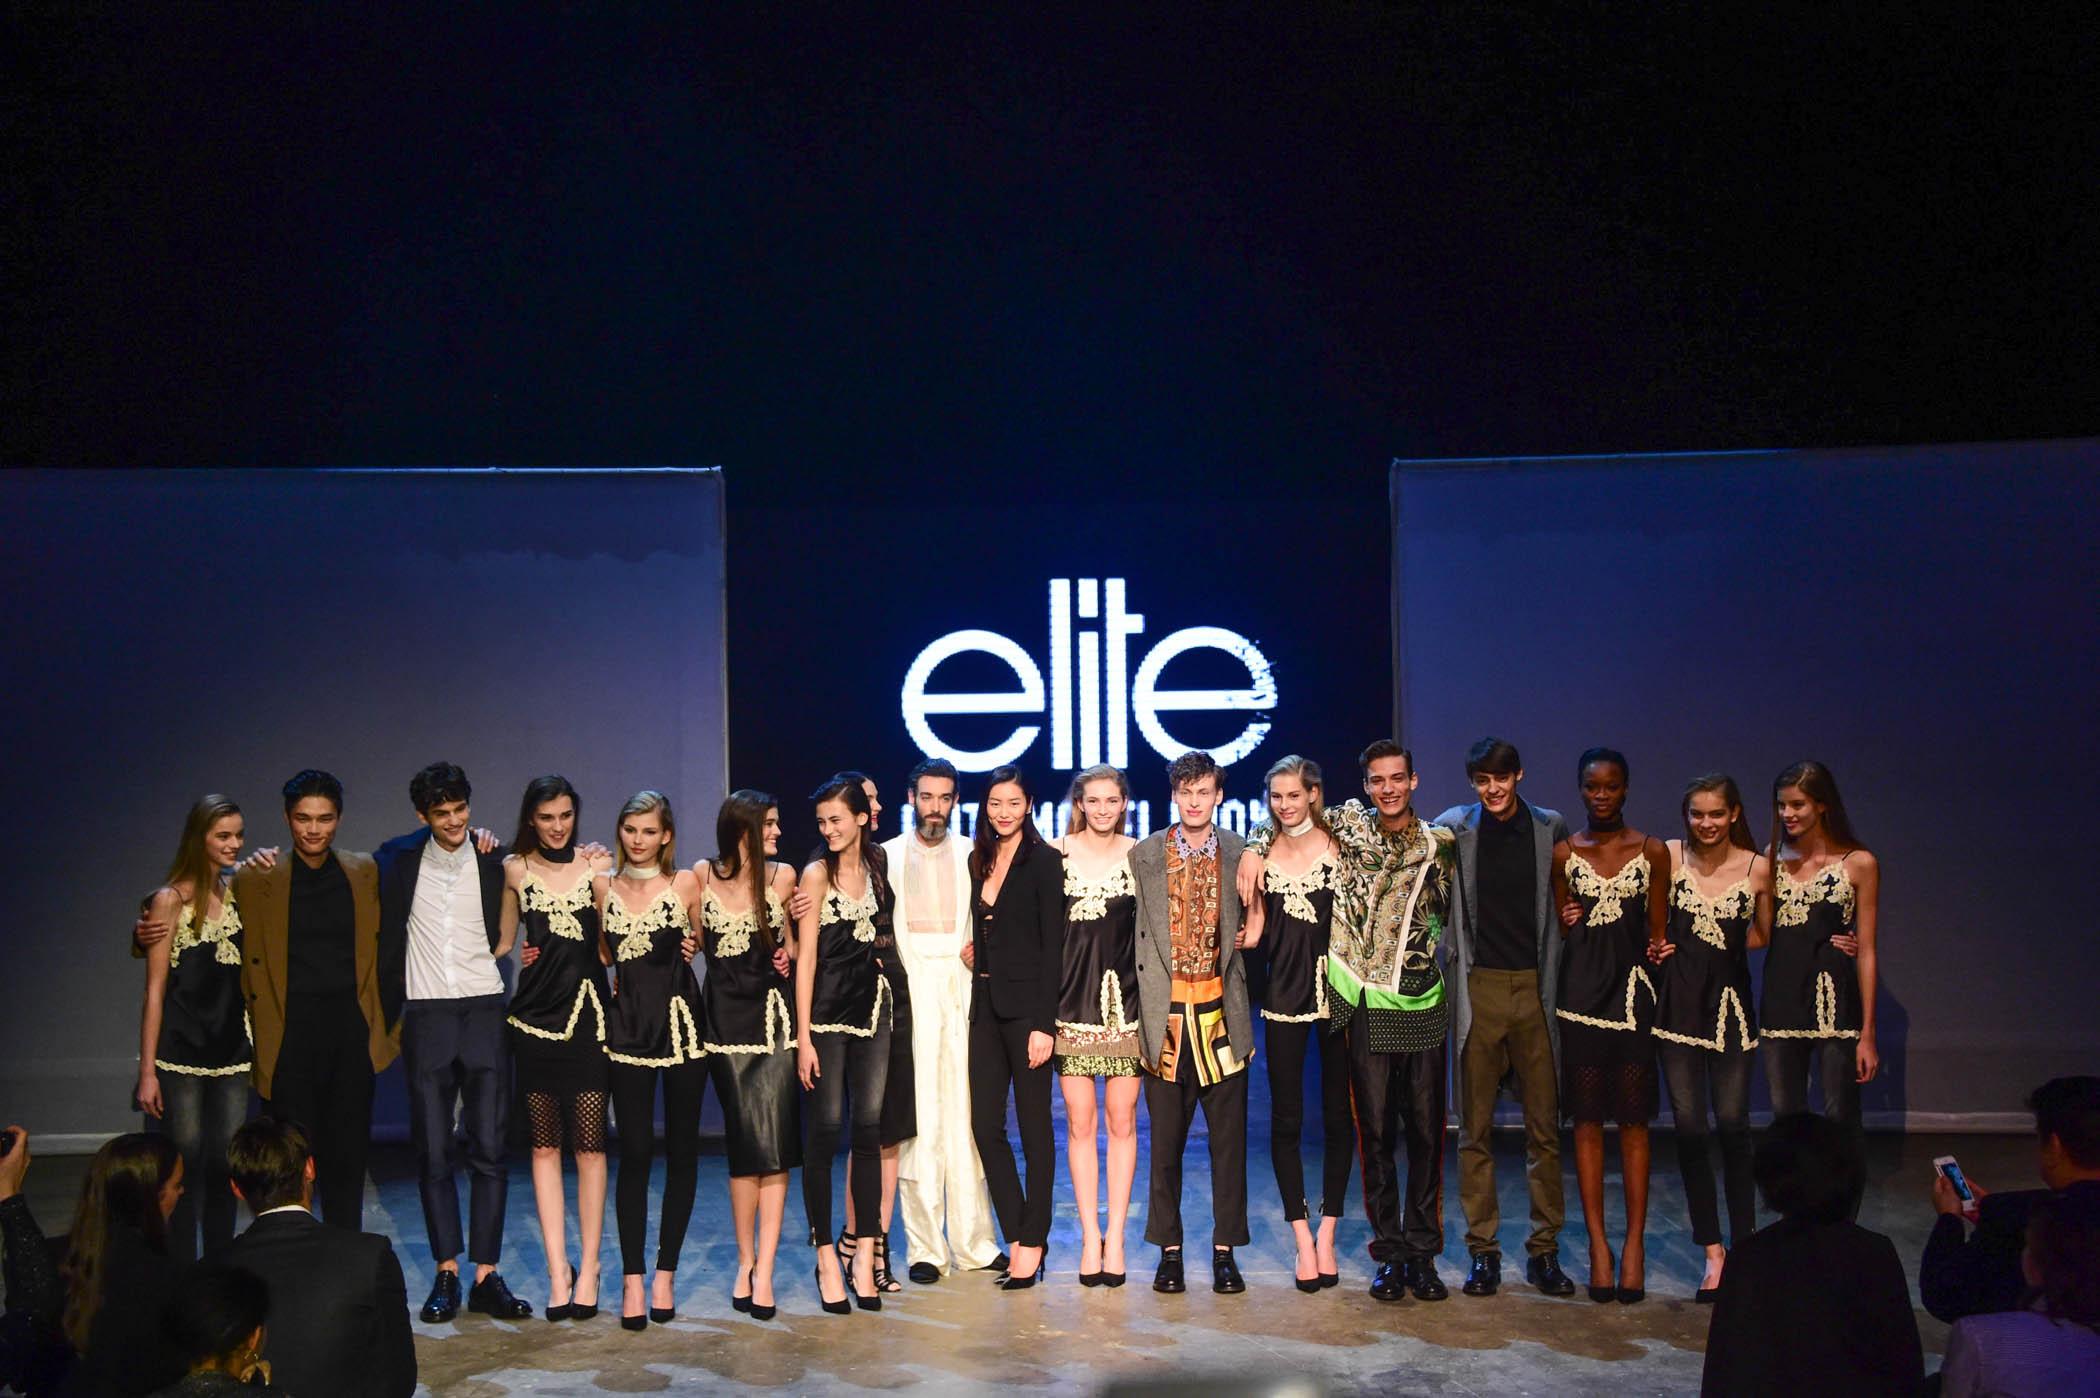 Les 15 finalistes sont connus et seuls assureront la fin du show